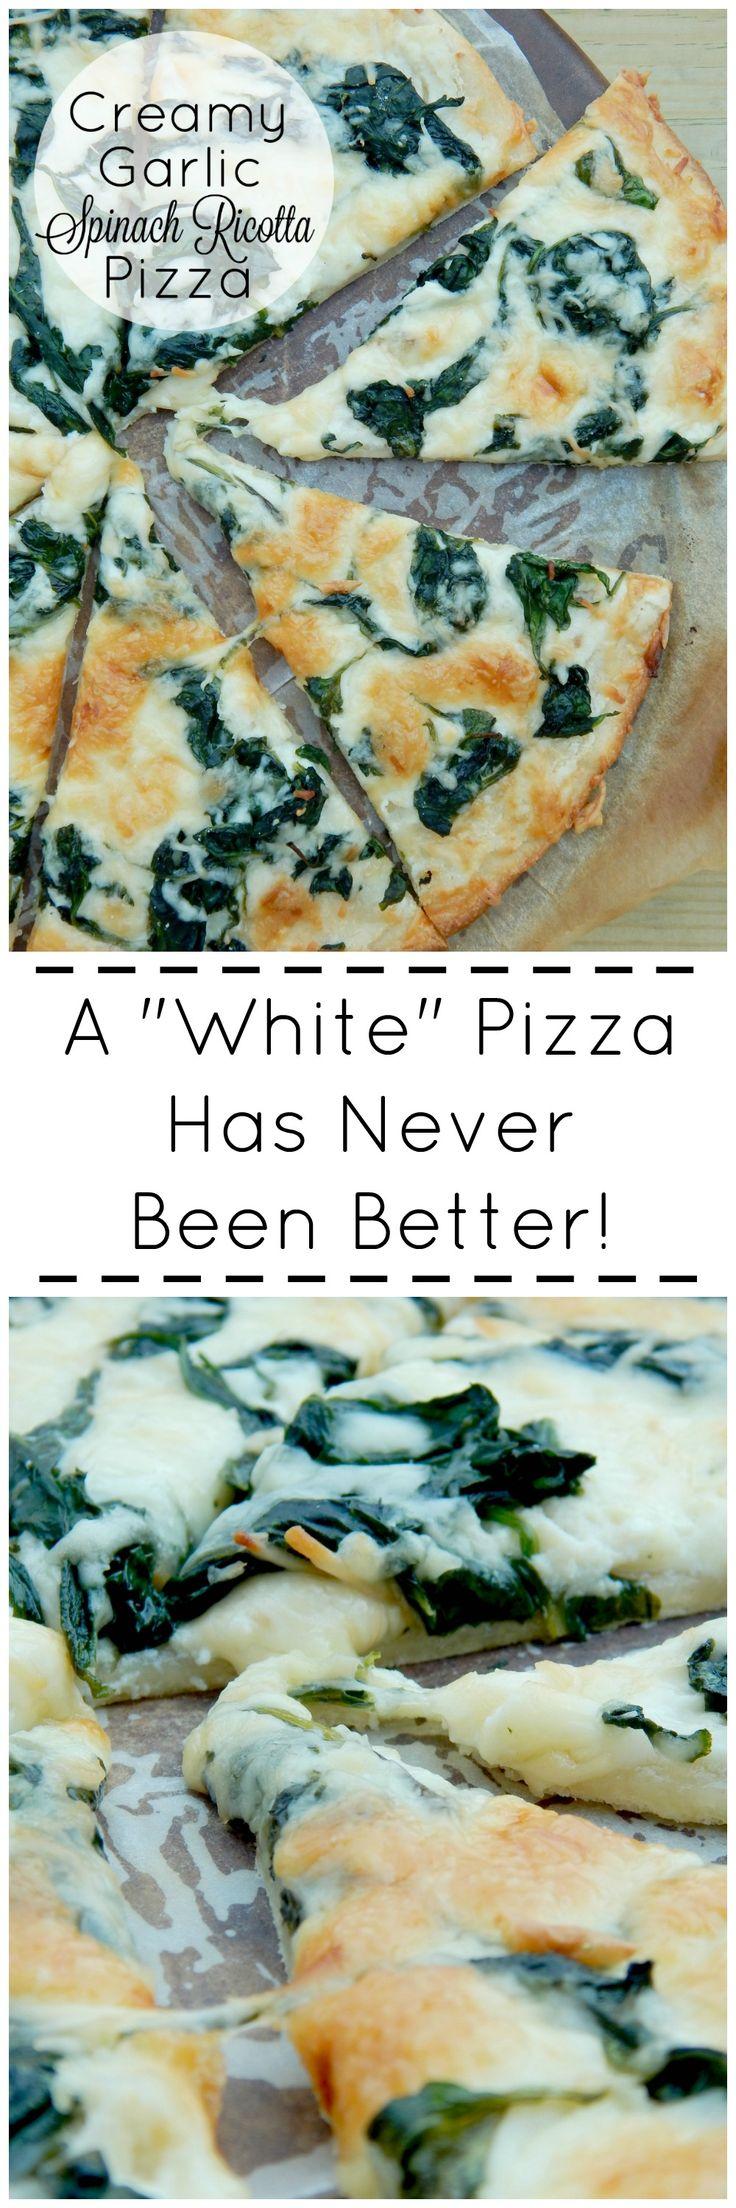 Creamy Garlic Spinach Ricotta Pizza